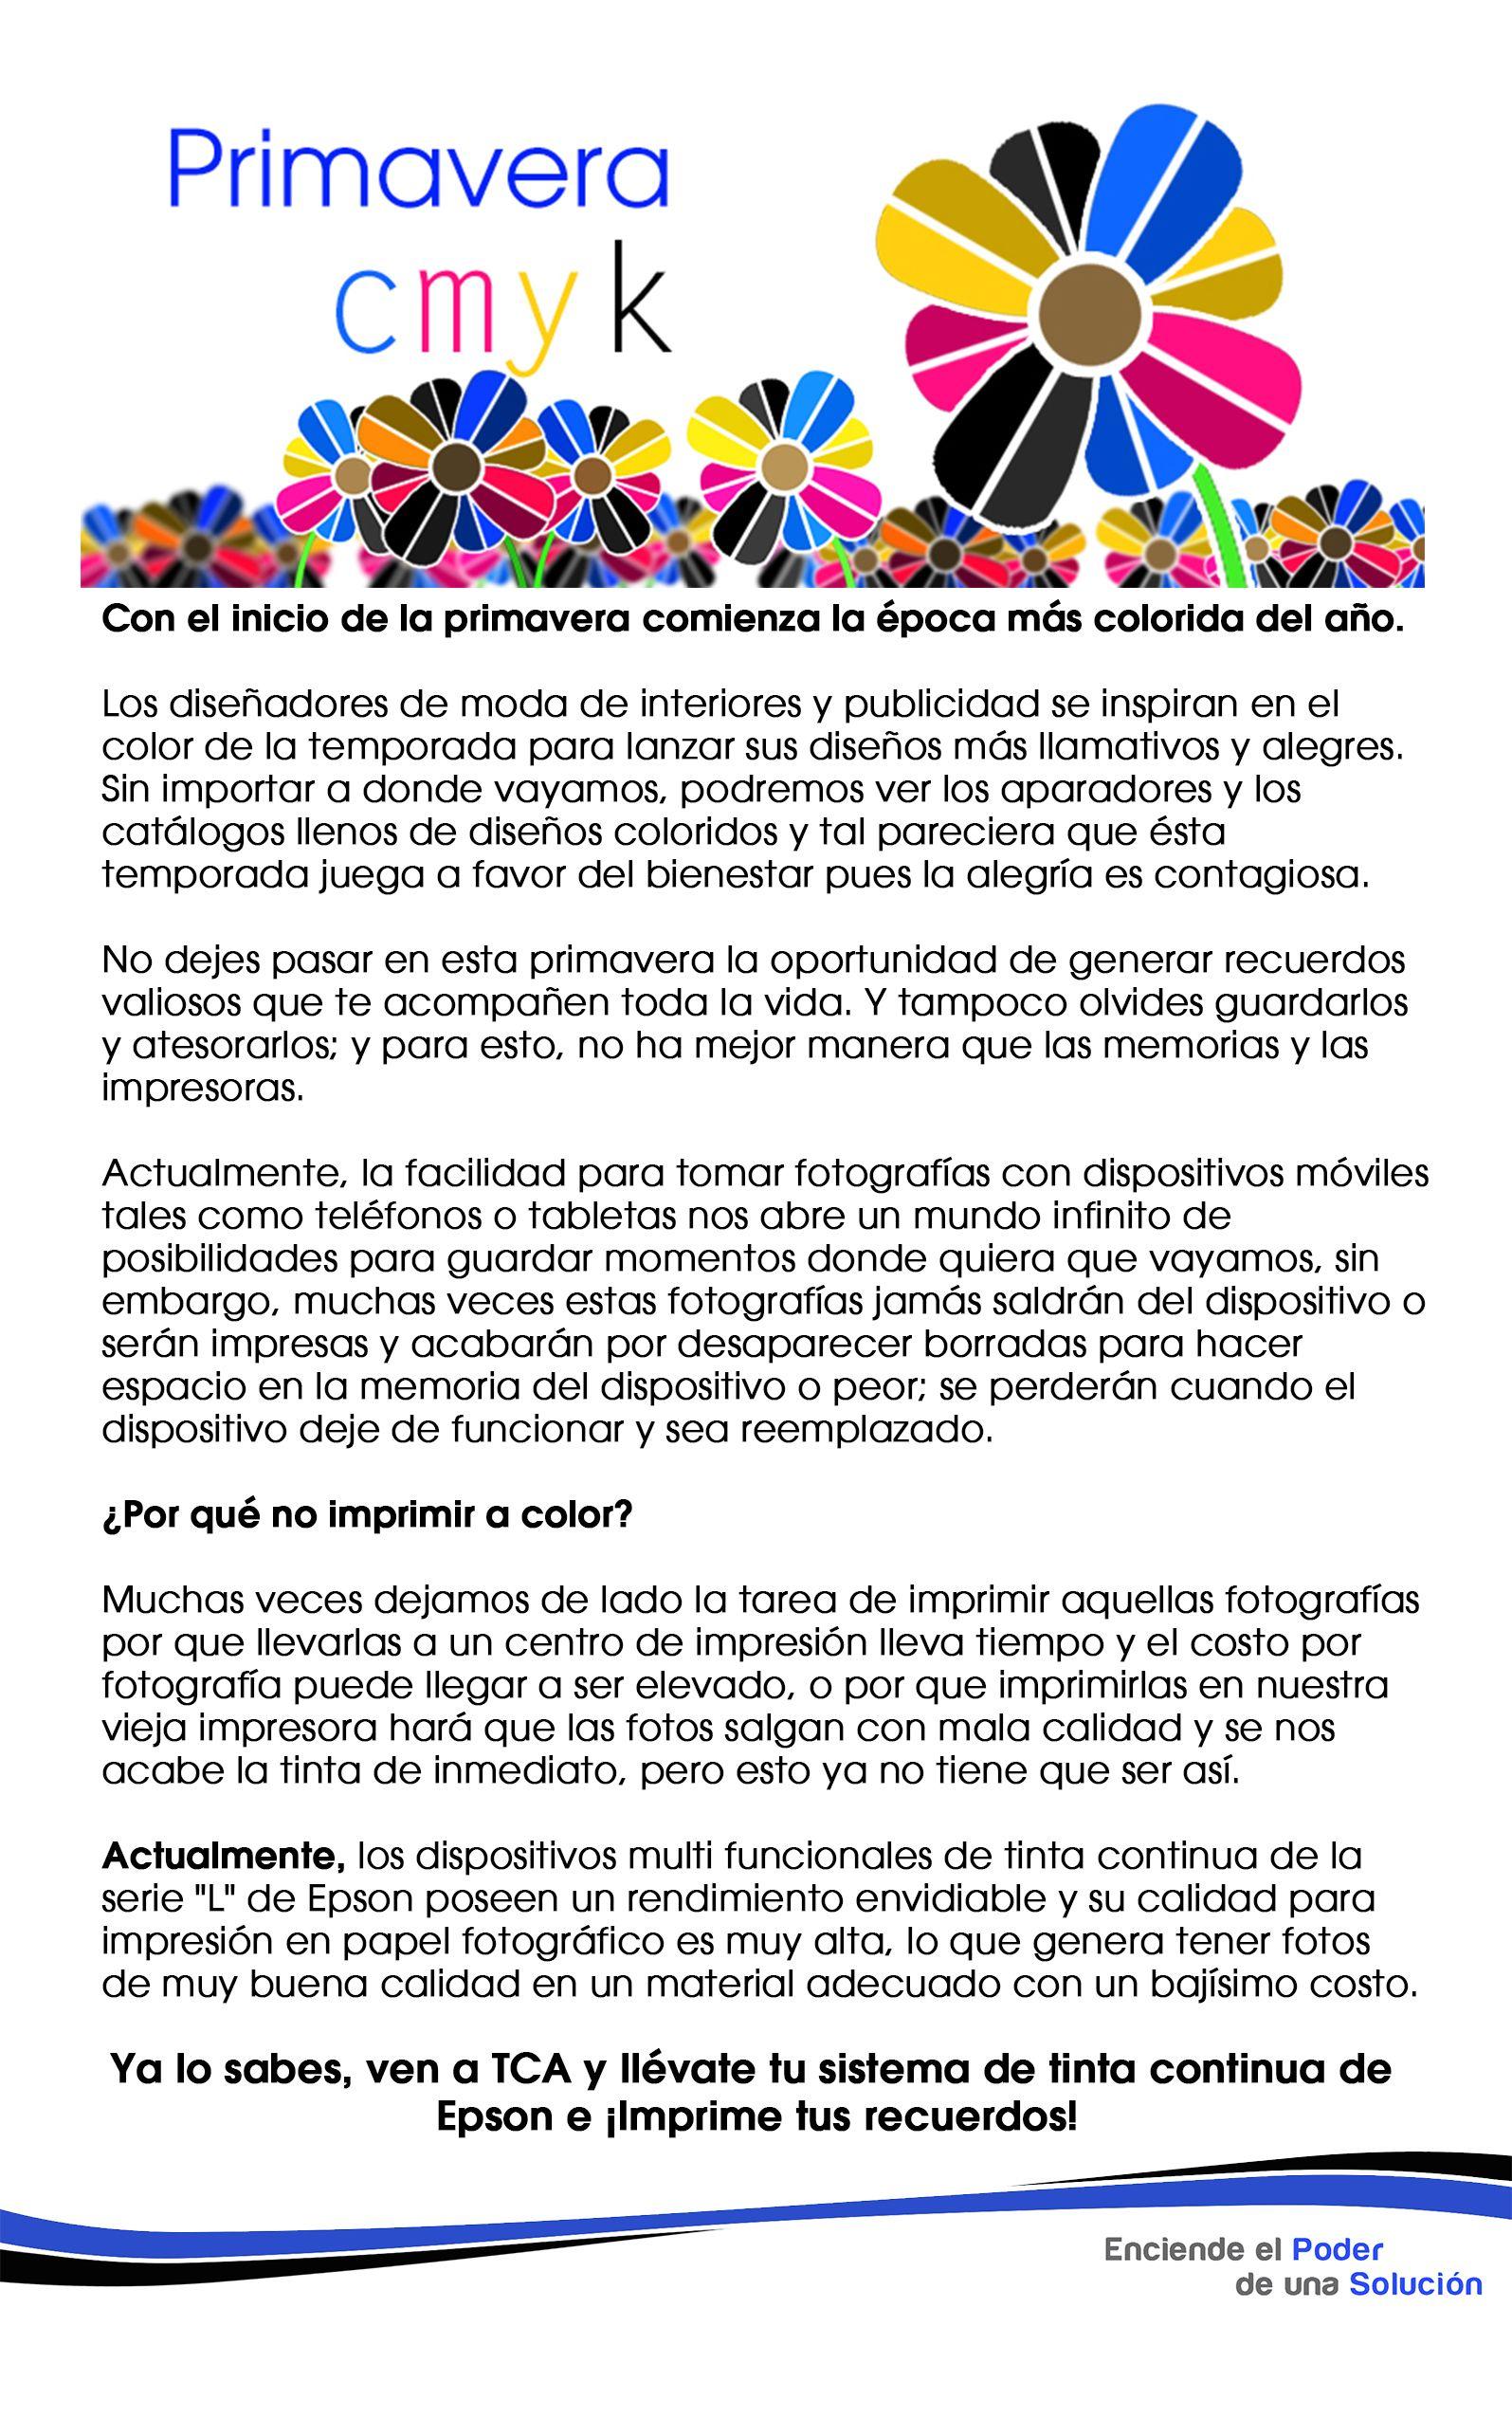 Primavera CMYK. Impresoras y fotografías